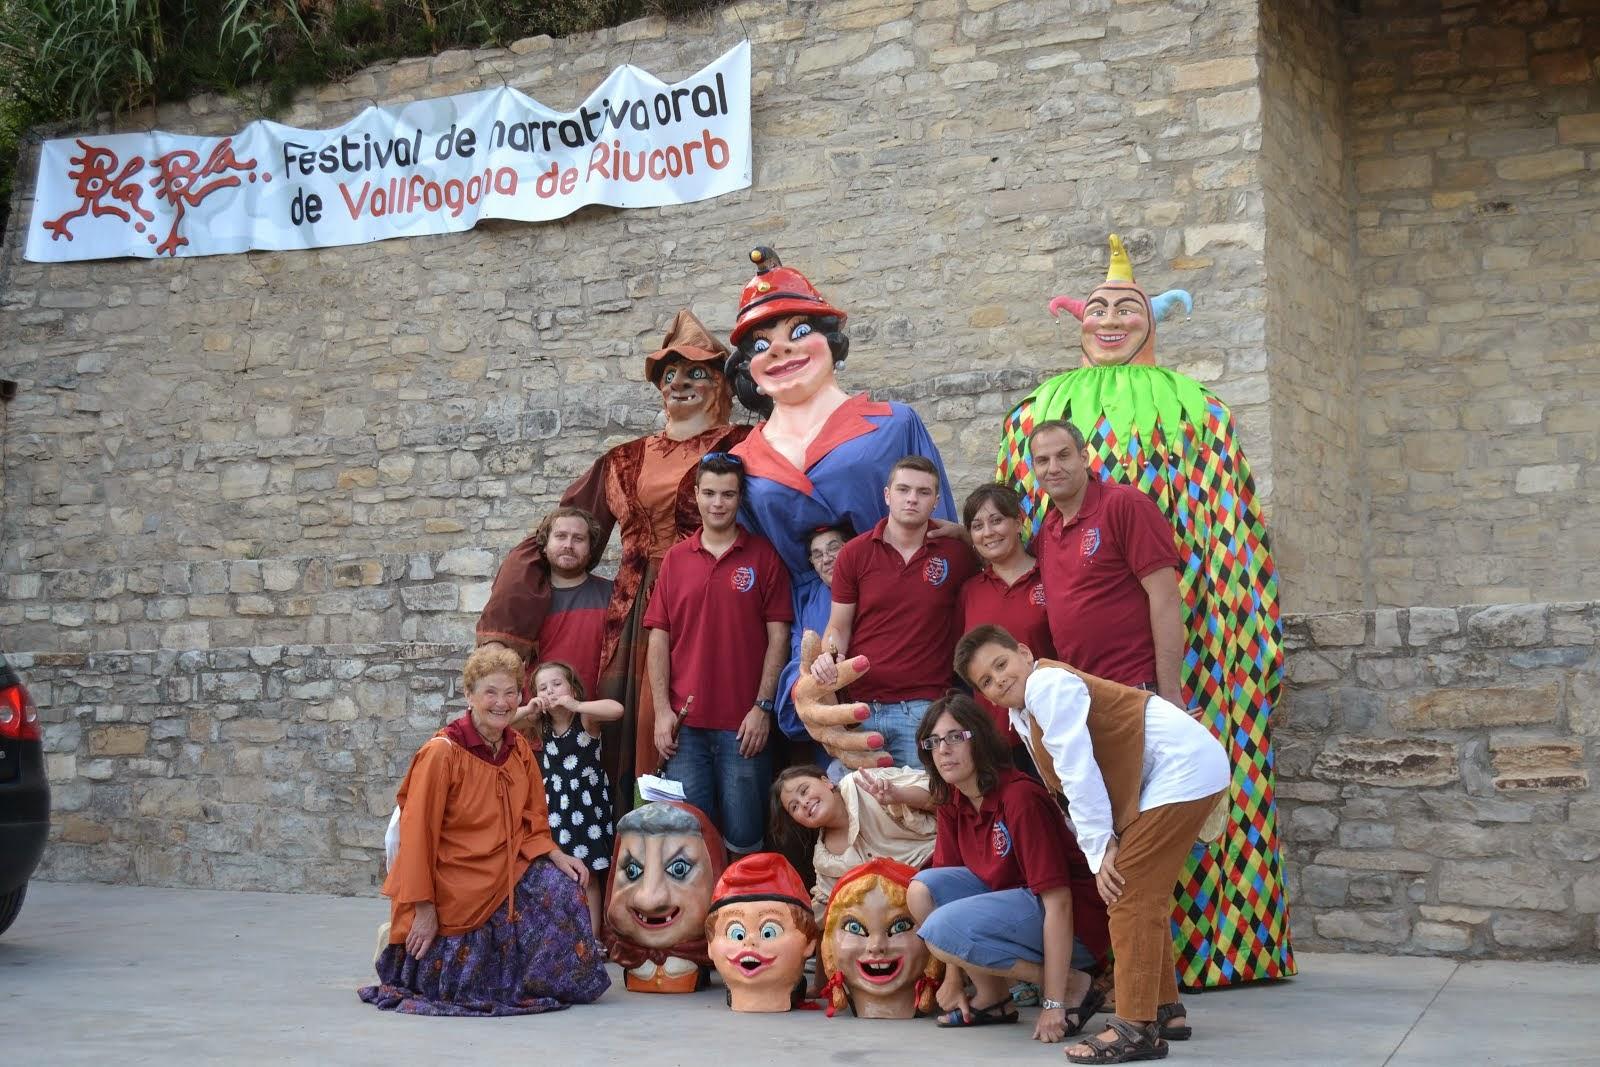 Festival Bla Bla de Vallfogona de Riucorb